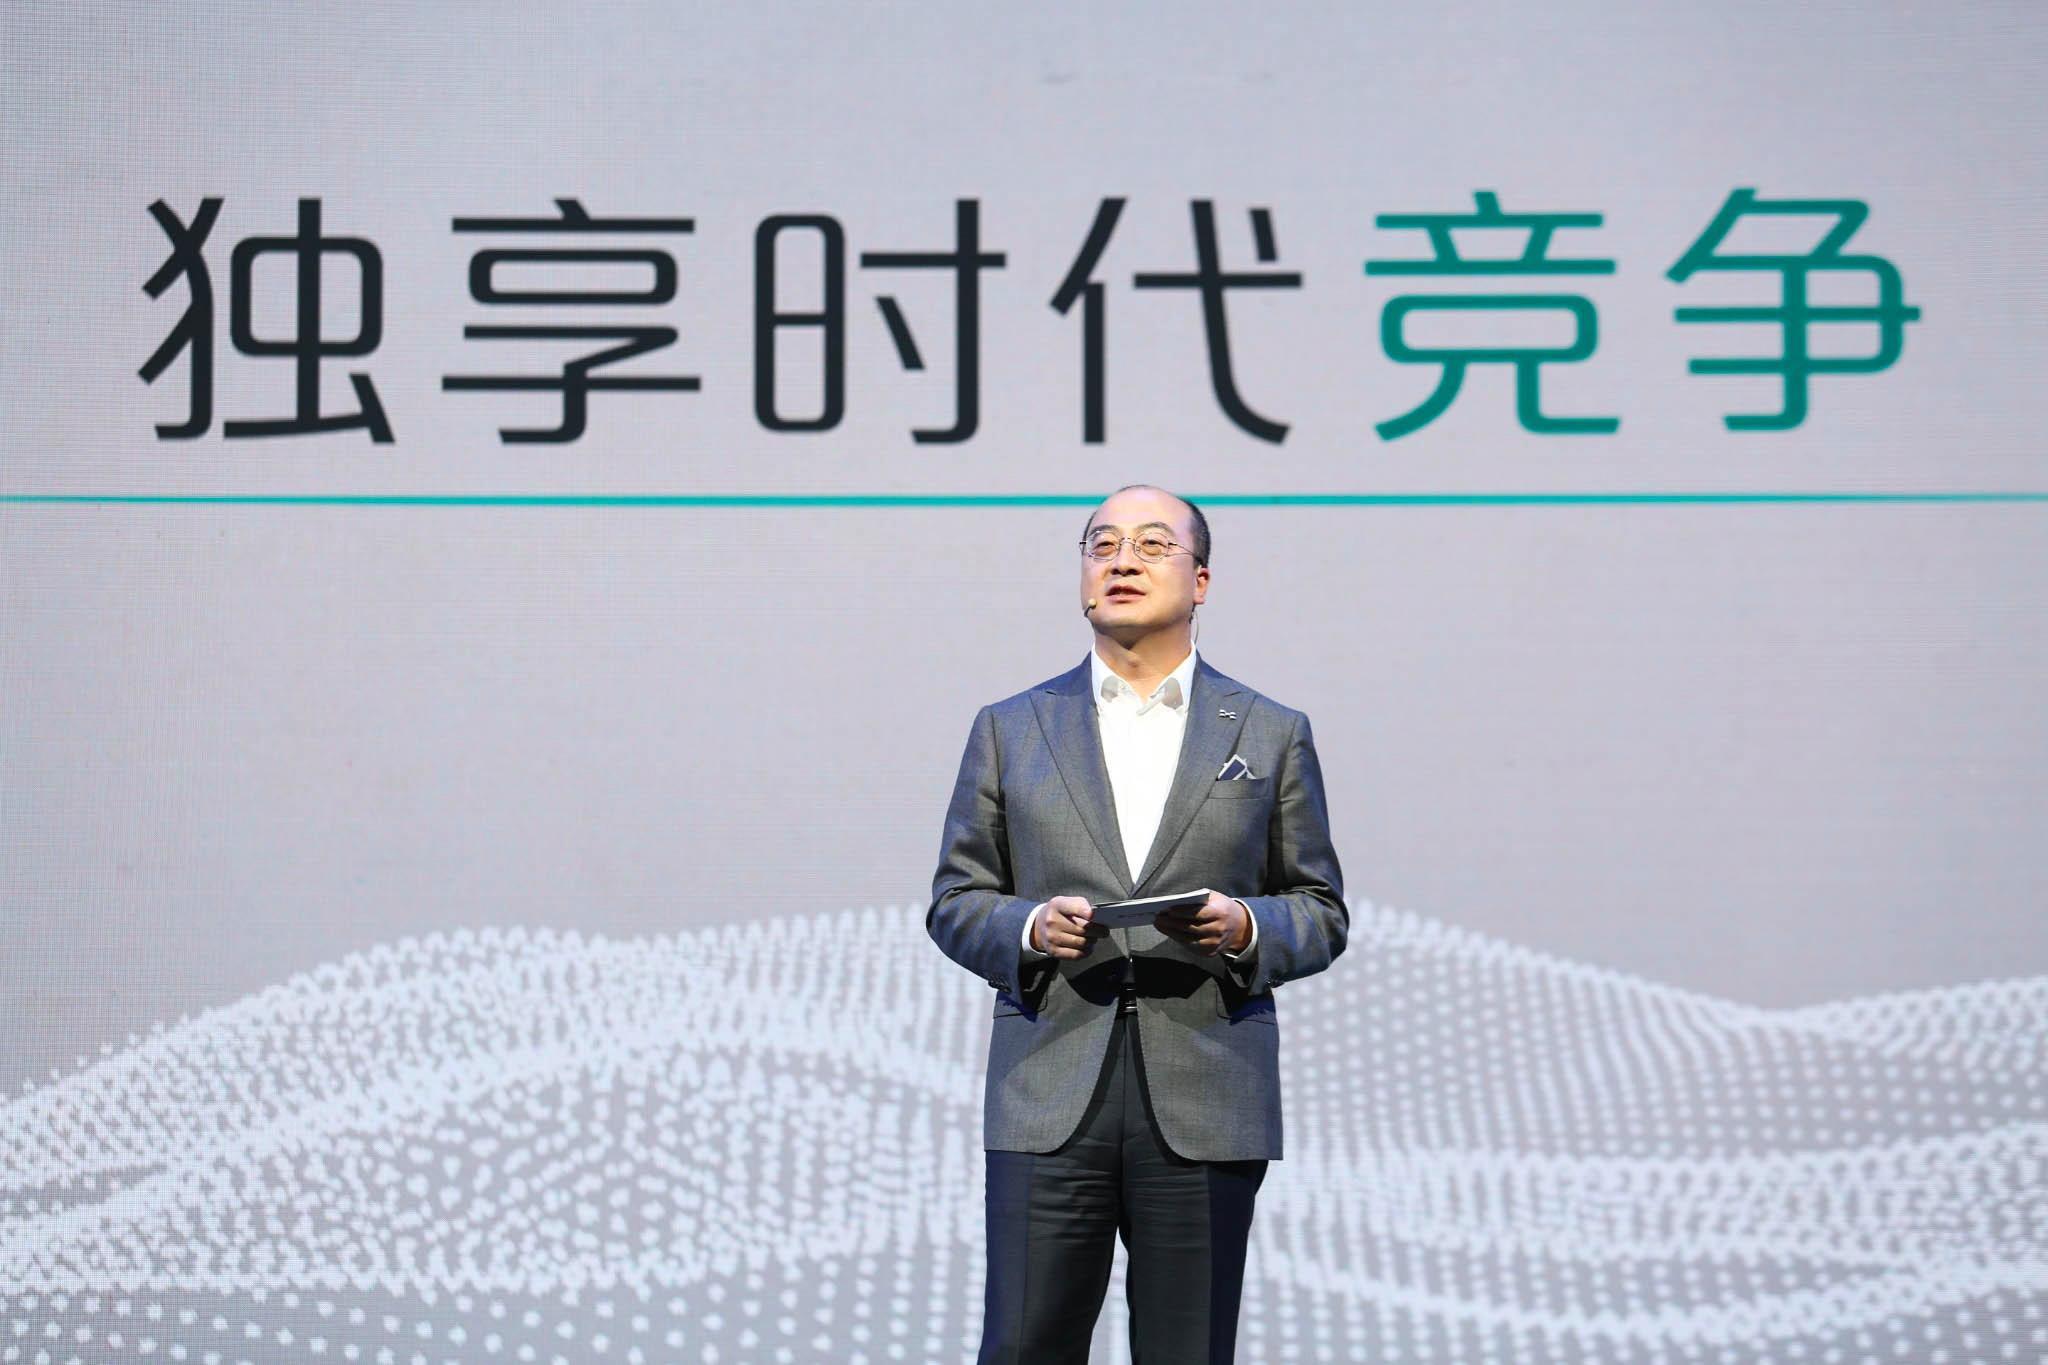 爱驰汽车启动新一轮融资 首款量产车将于2019年四季度交付